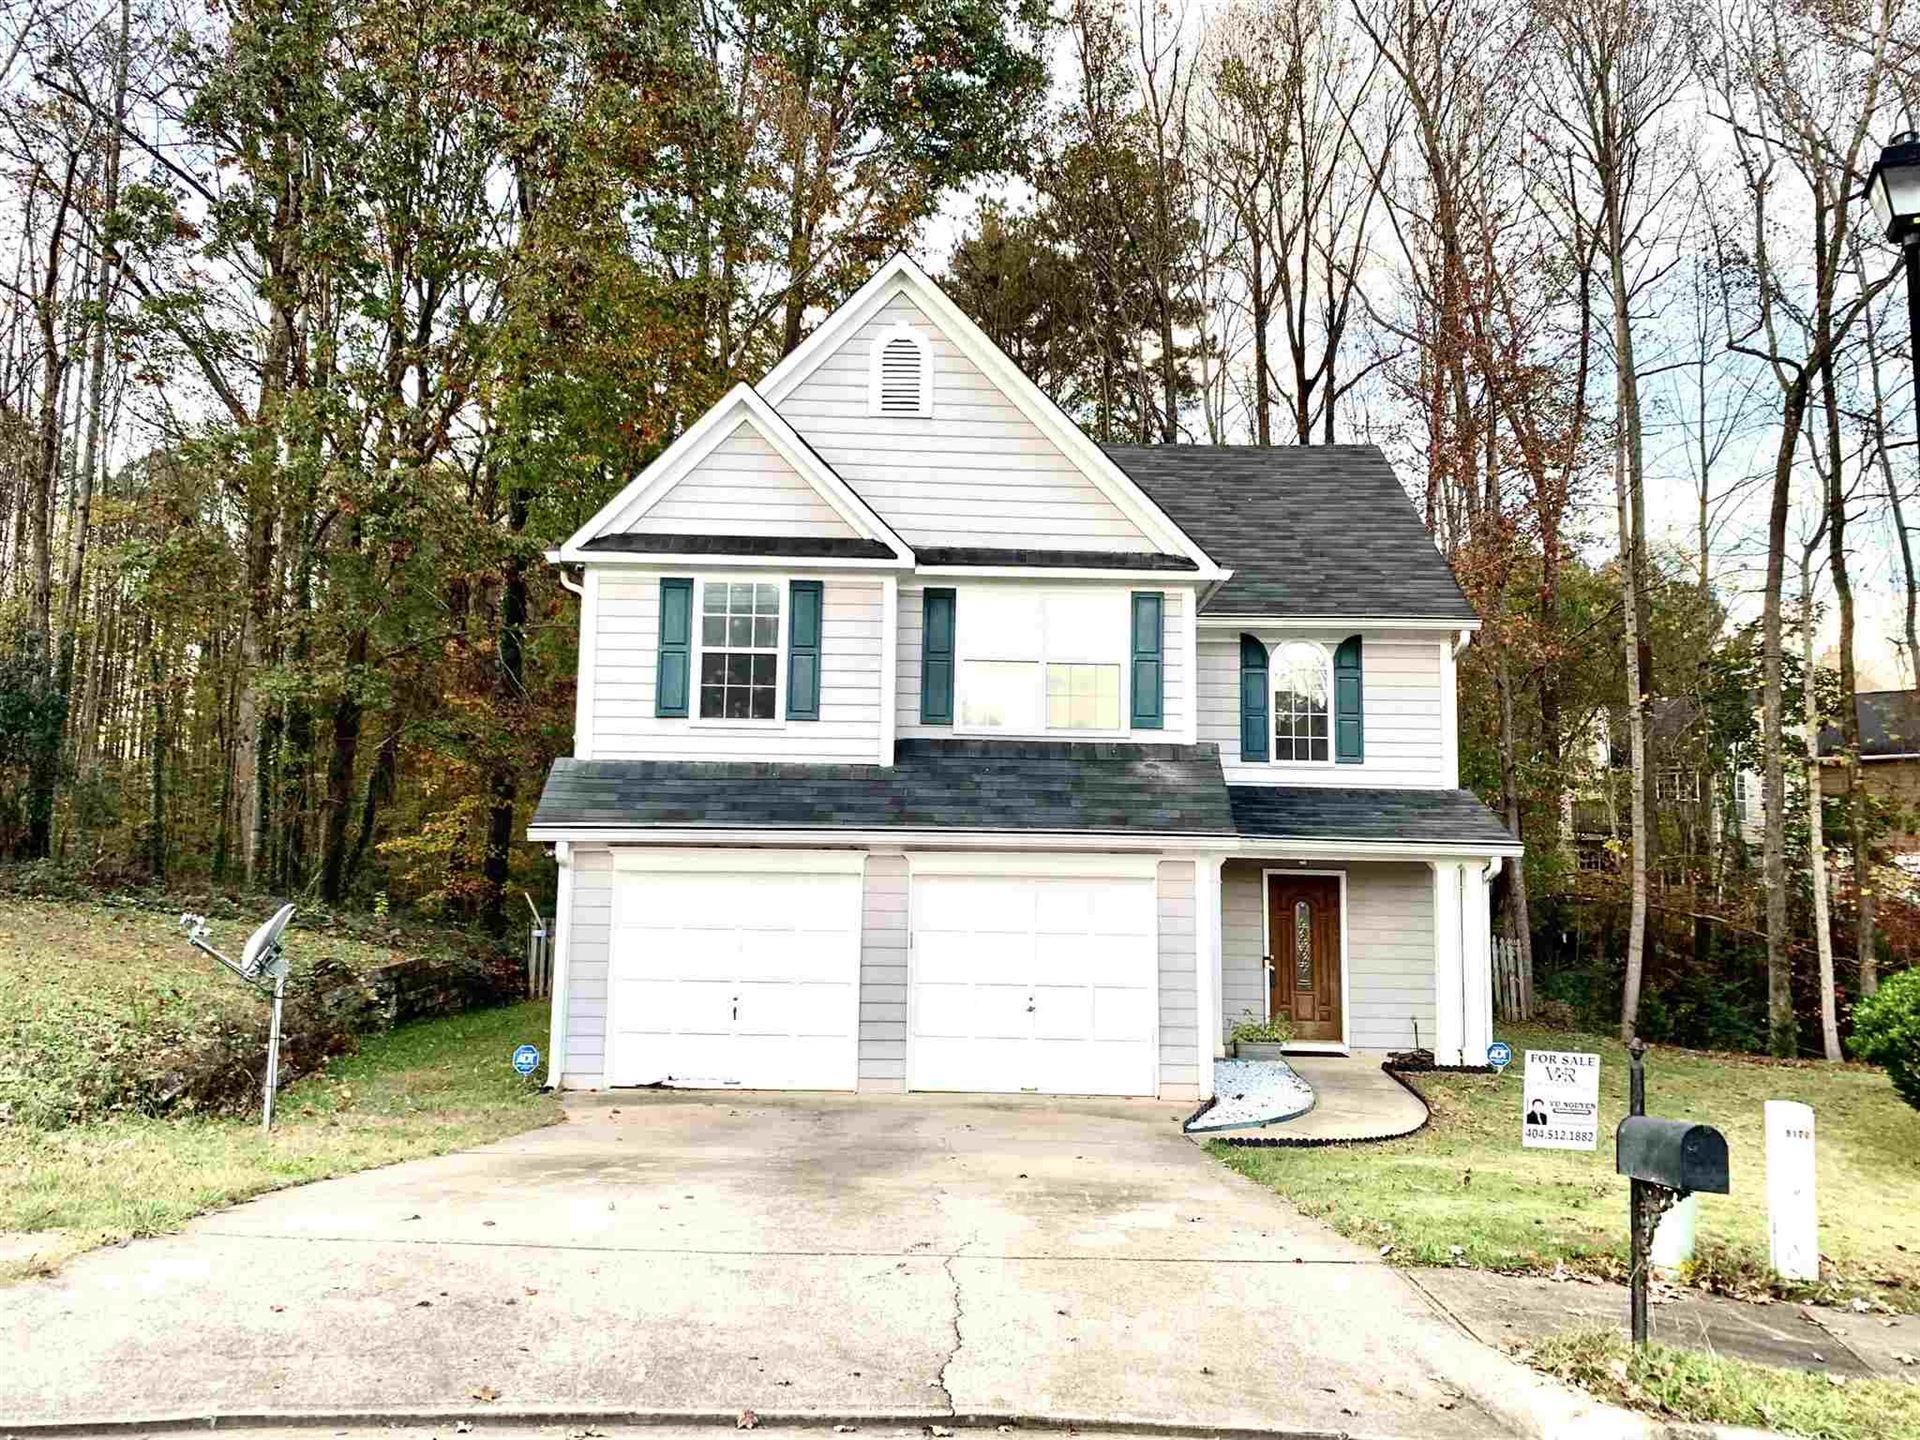 5110 Arrowind Rd, Lilburn, GA 30047 - MLS#: 8892246